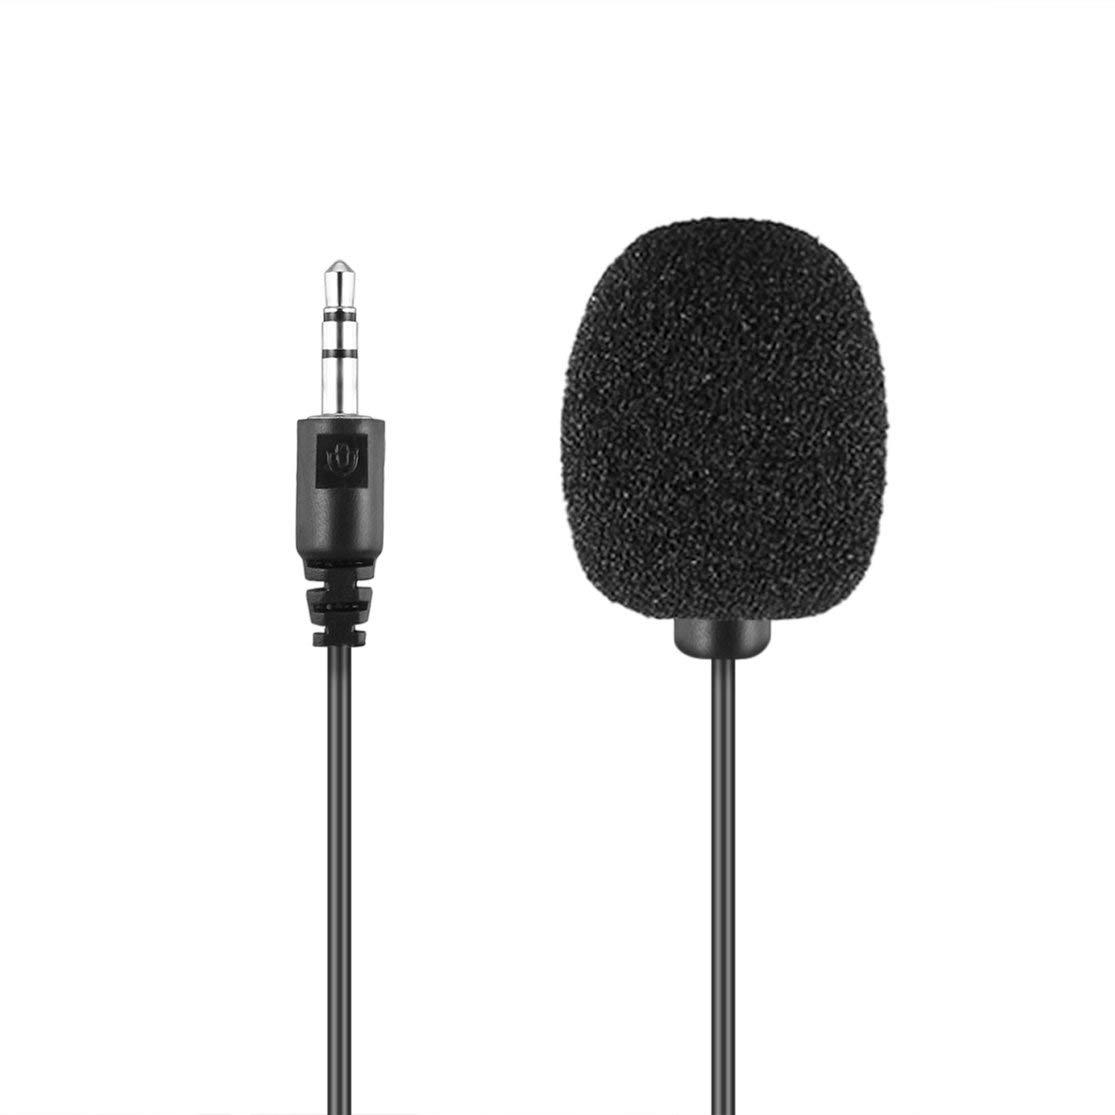 Tragbare Externe 3,5mm Freisprecheinrichtung Mini Wired Collar Clip Revers Lavalier Mikrofon F/ür PC Laptop Lound Lautsprecher